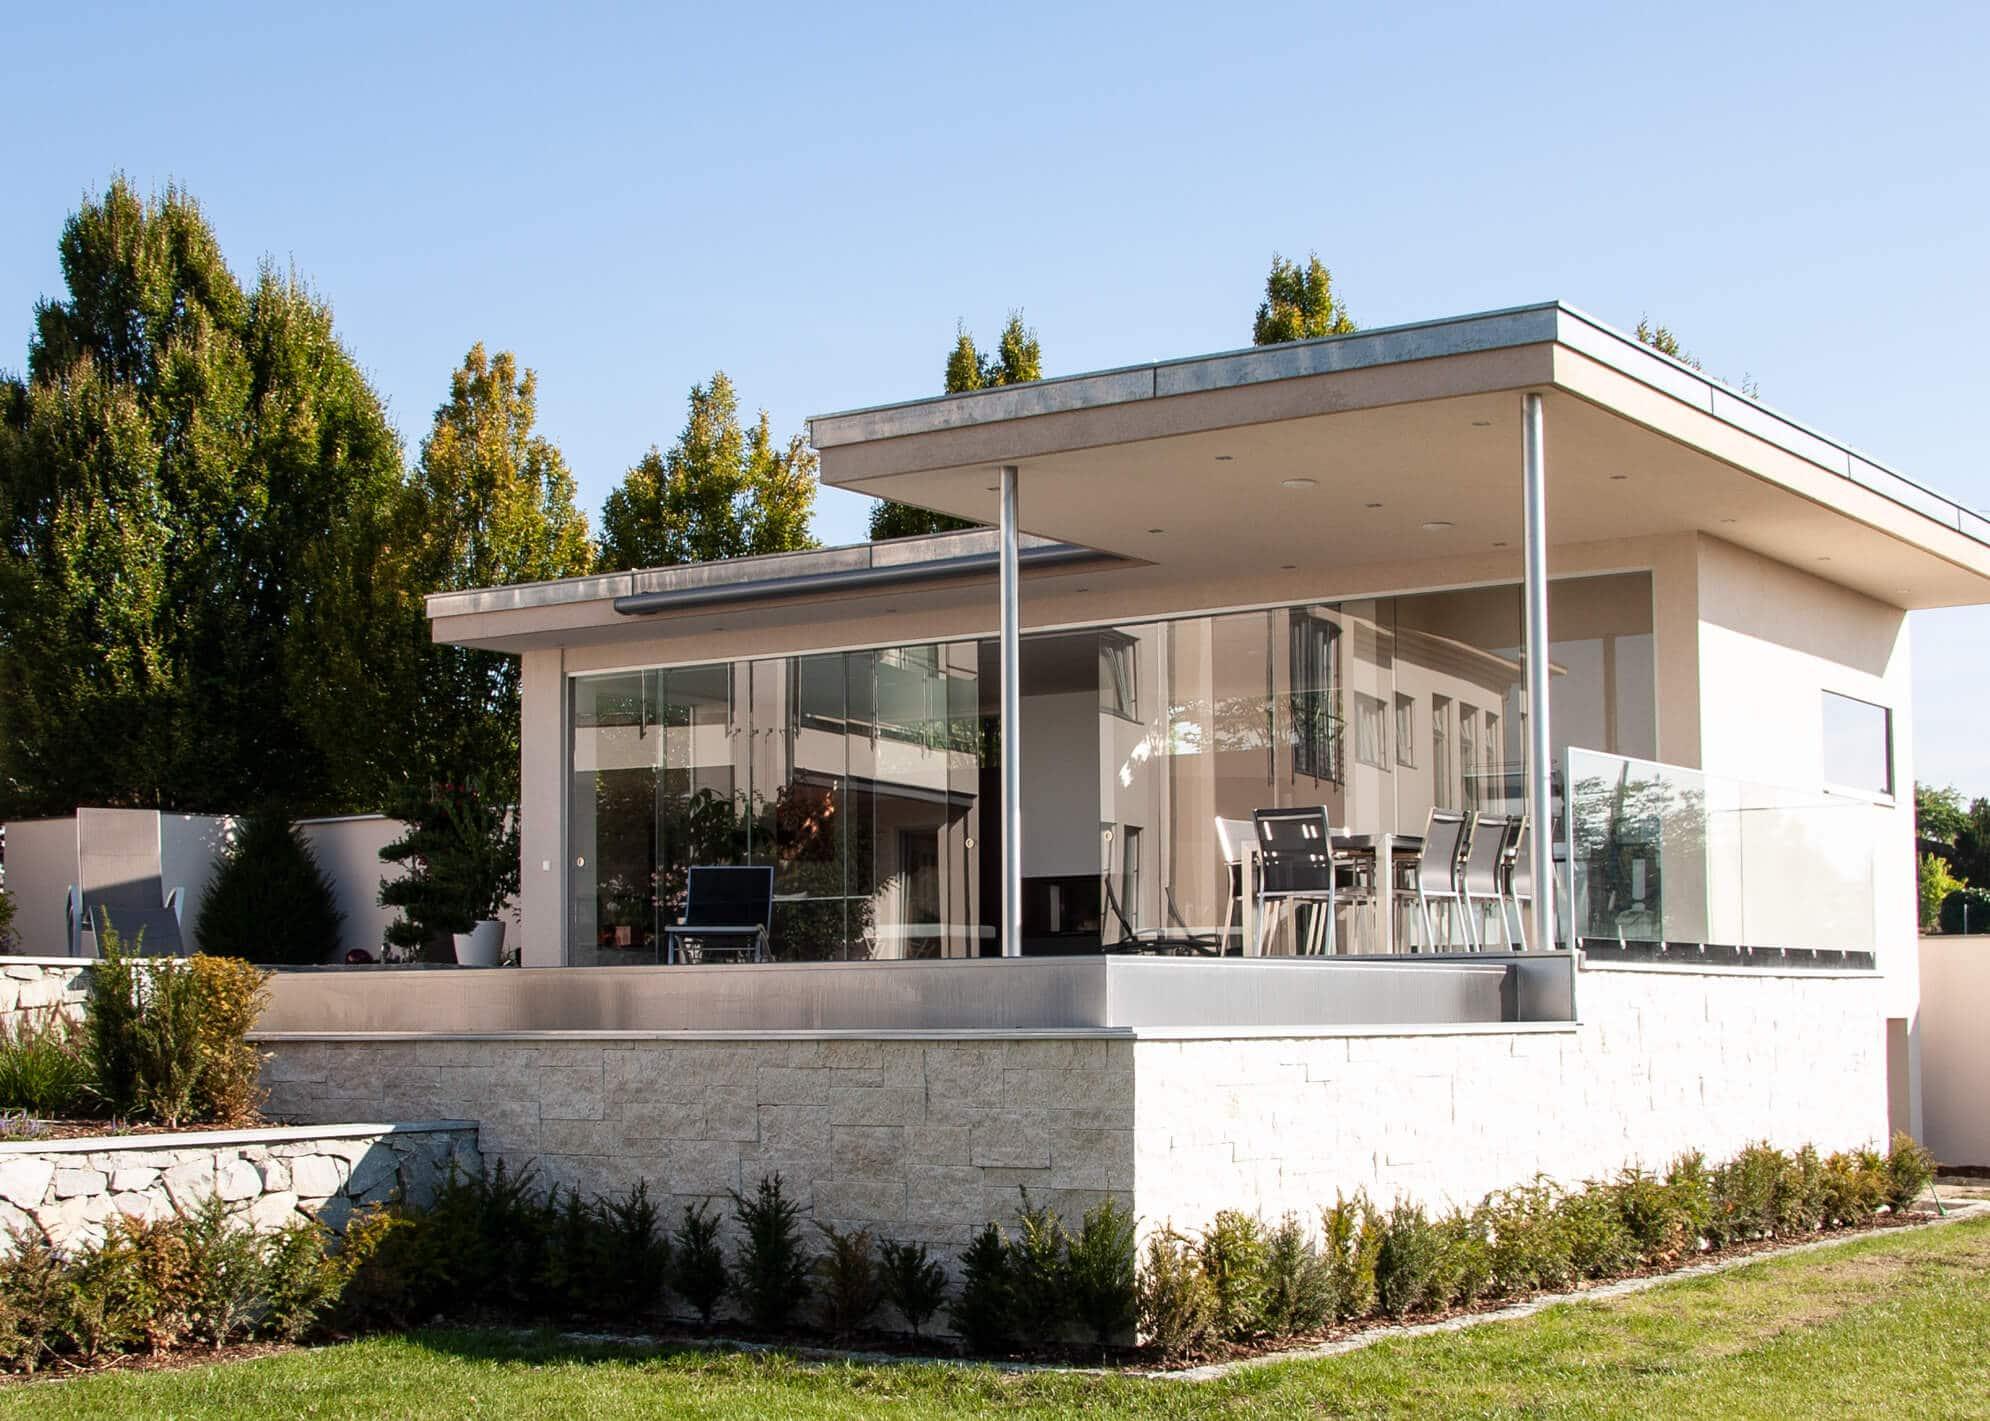 Schiebetürsysteme Terrasse Außenbereich